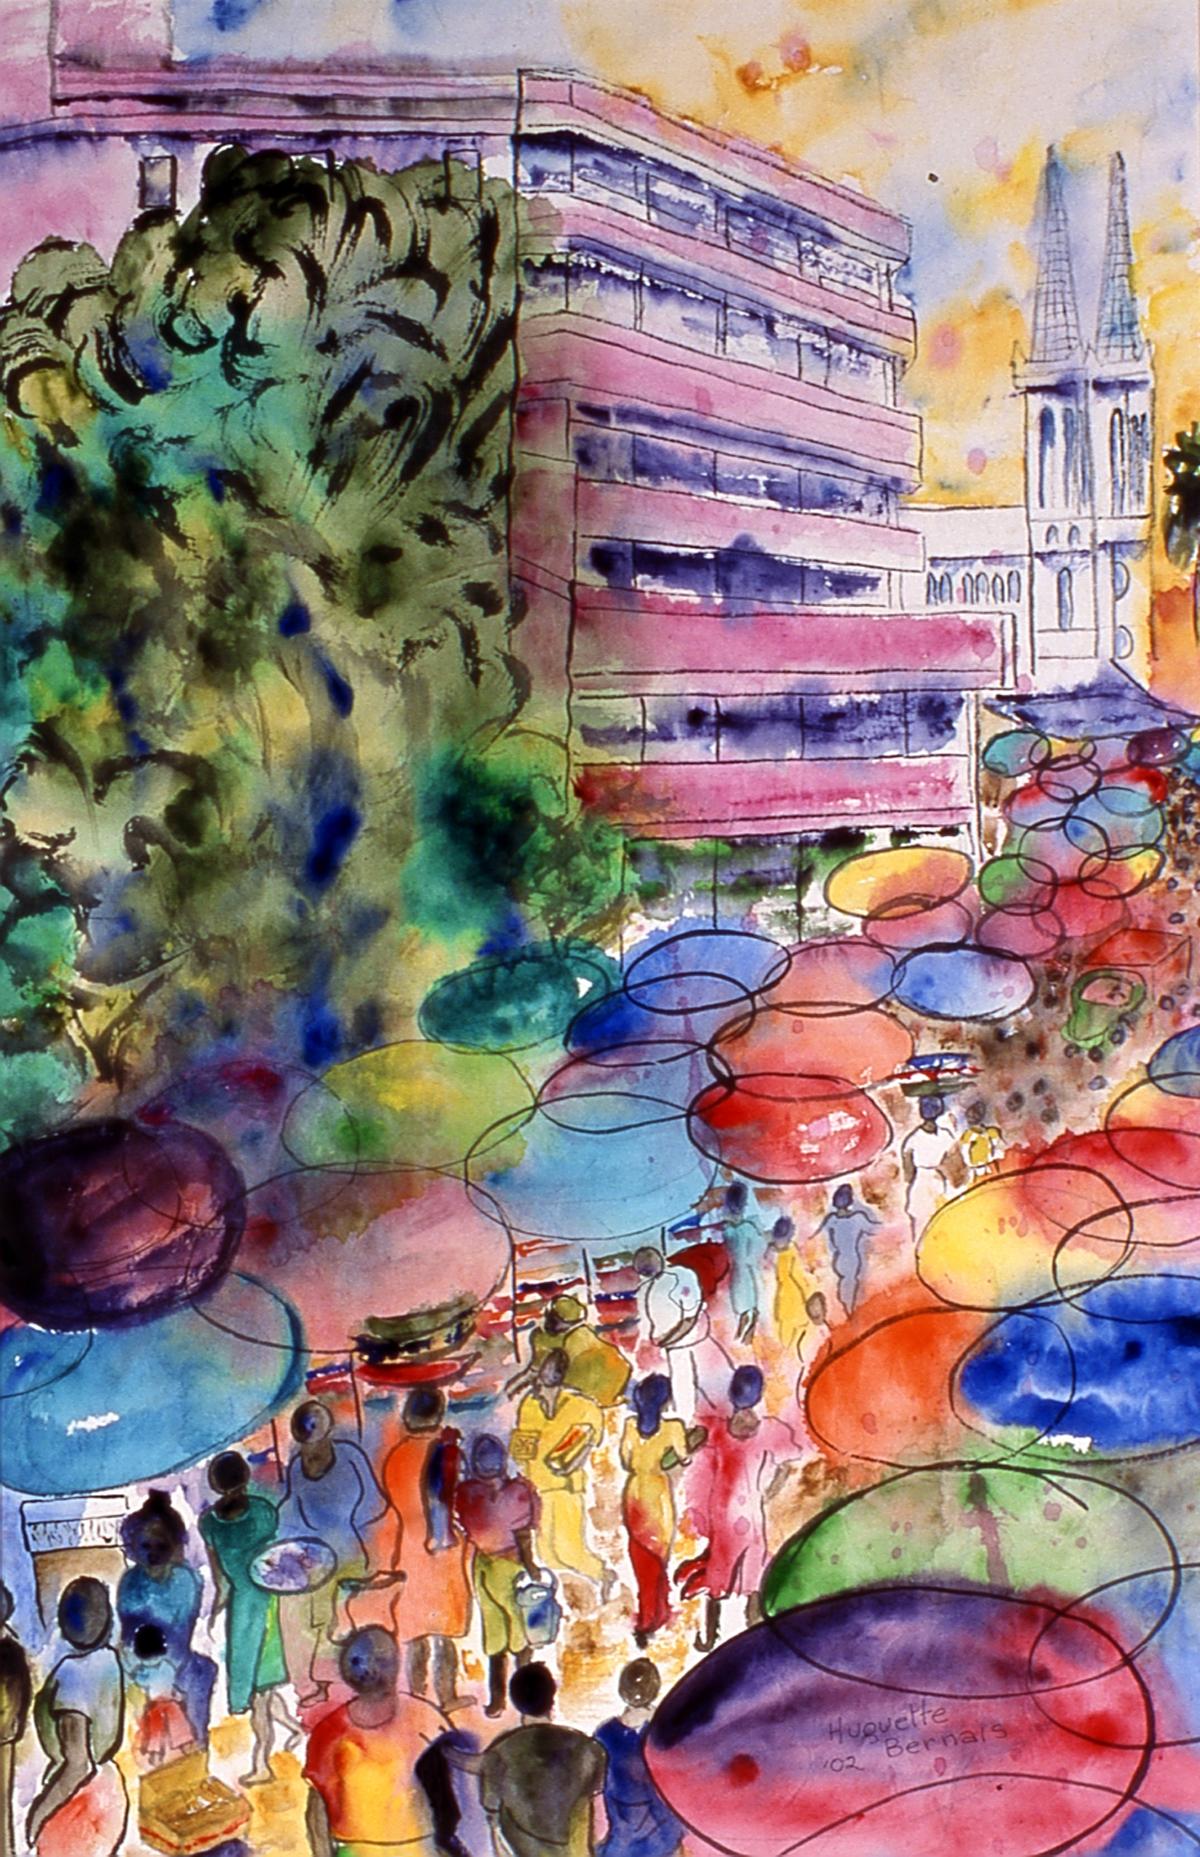 <i>Marché public, Lomé, Togo</i><br />détail du triptyque, aquarelle et encre sur papier asiatique, 2002, 72 x 46 cm <br /> collection privée